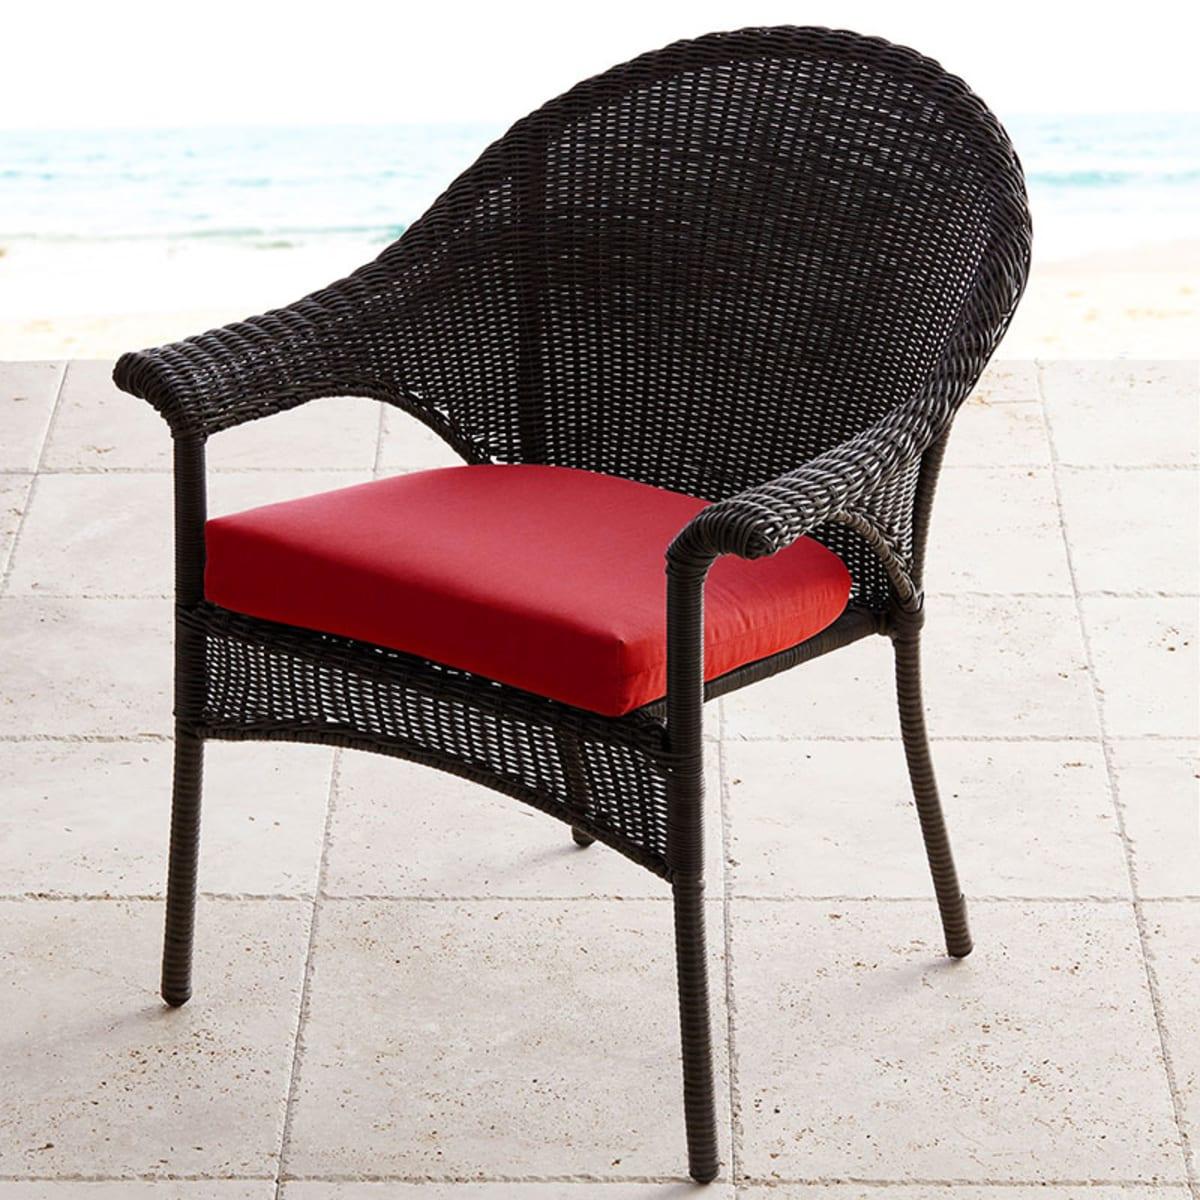 sunbrella contoured chair cushion white